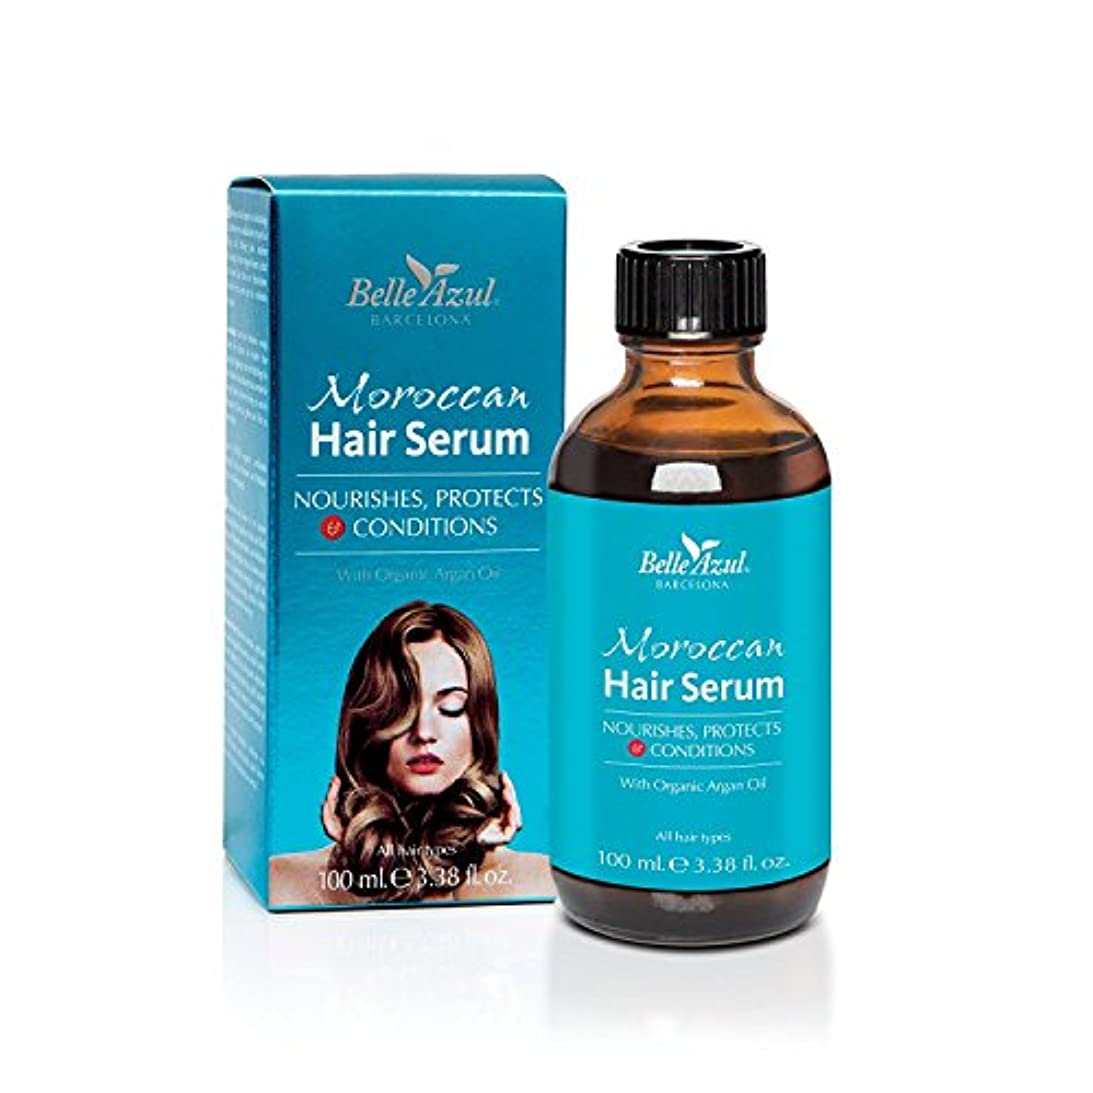 ボルト寛容なスペルベルアスール (Belle Azul) モロッカン ヘア セラム 髪用 美容液 アルガンオイル 配合